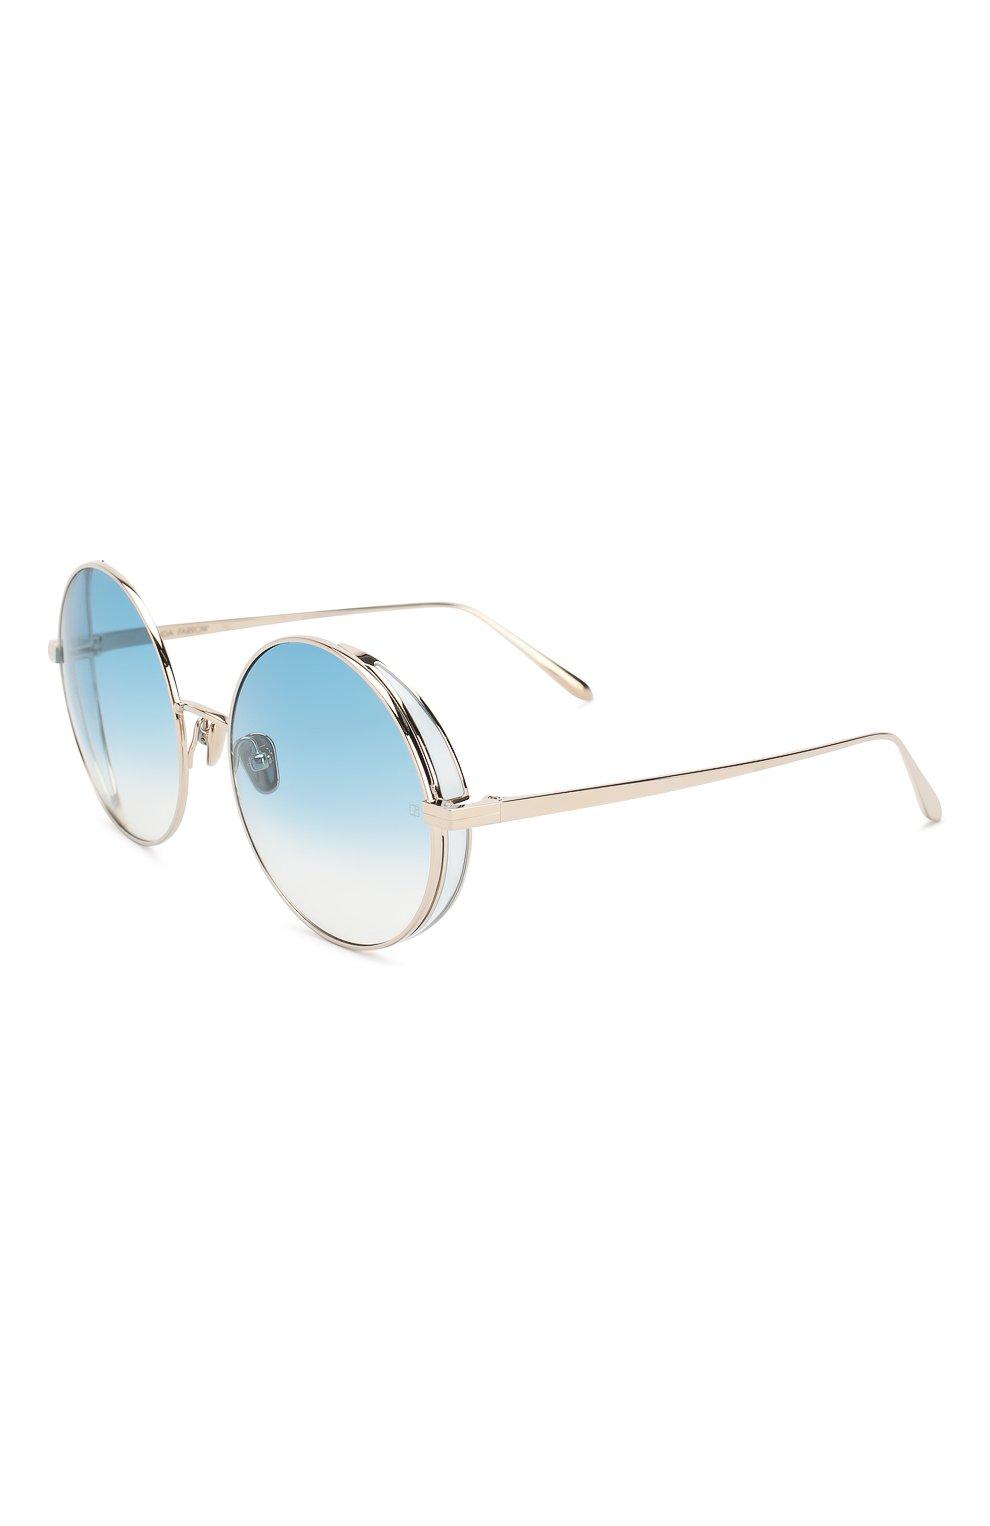 Женские солнцезащитные очки LINDA FARROW голубого цвета, арт. LFL758C8 SUN | Фото 1